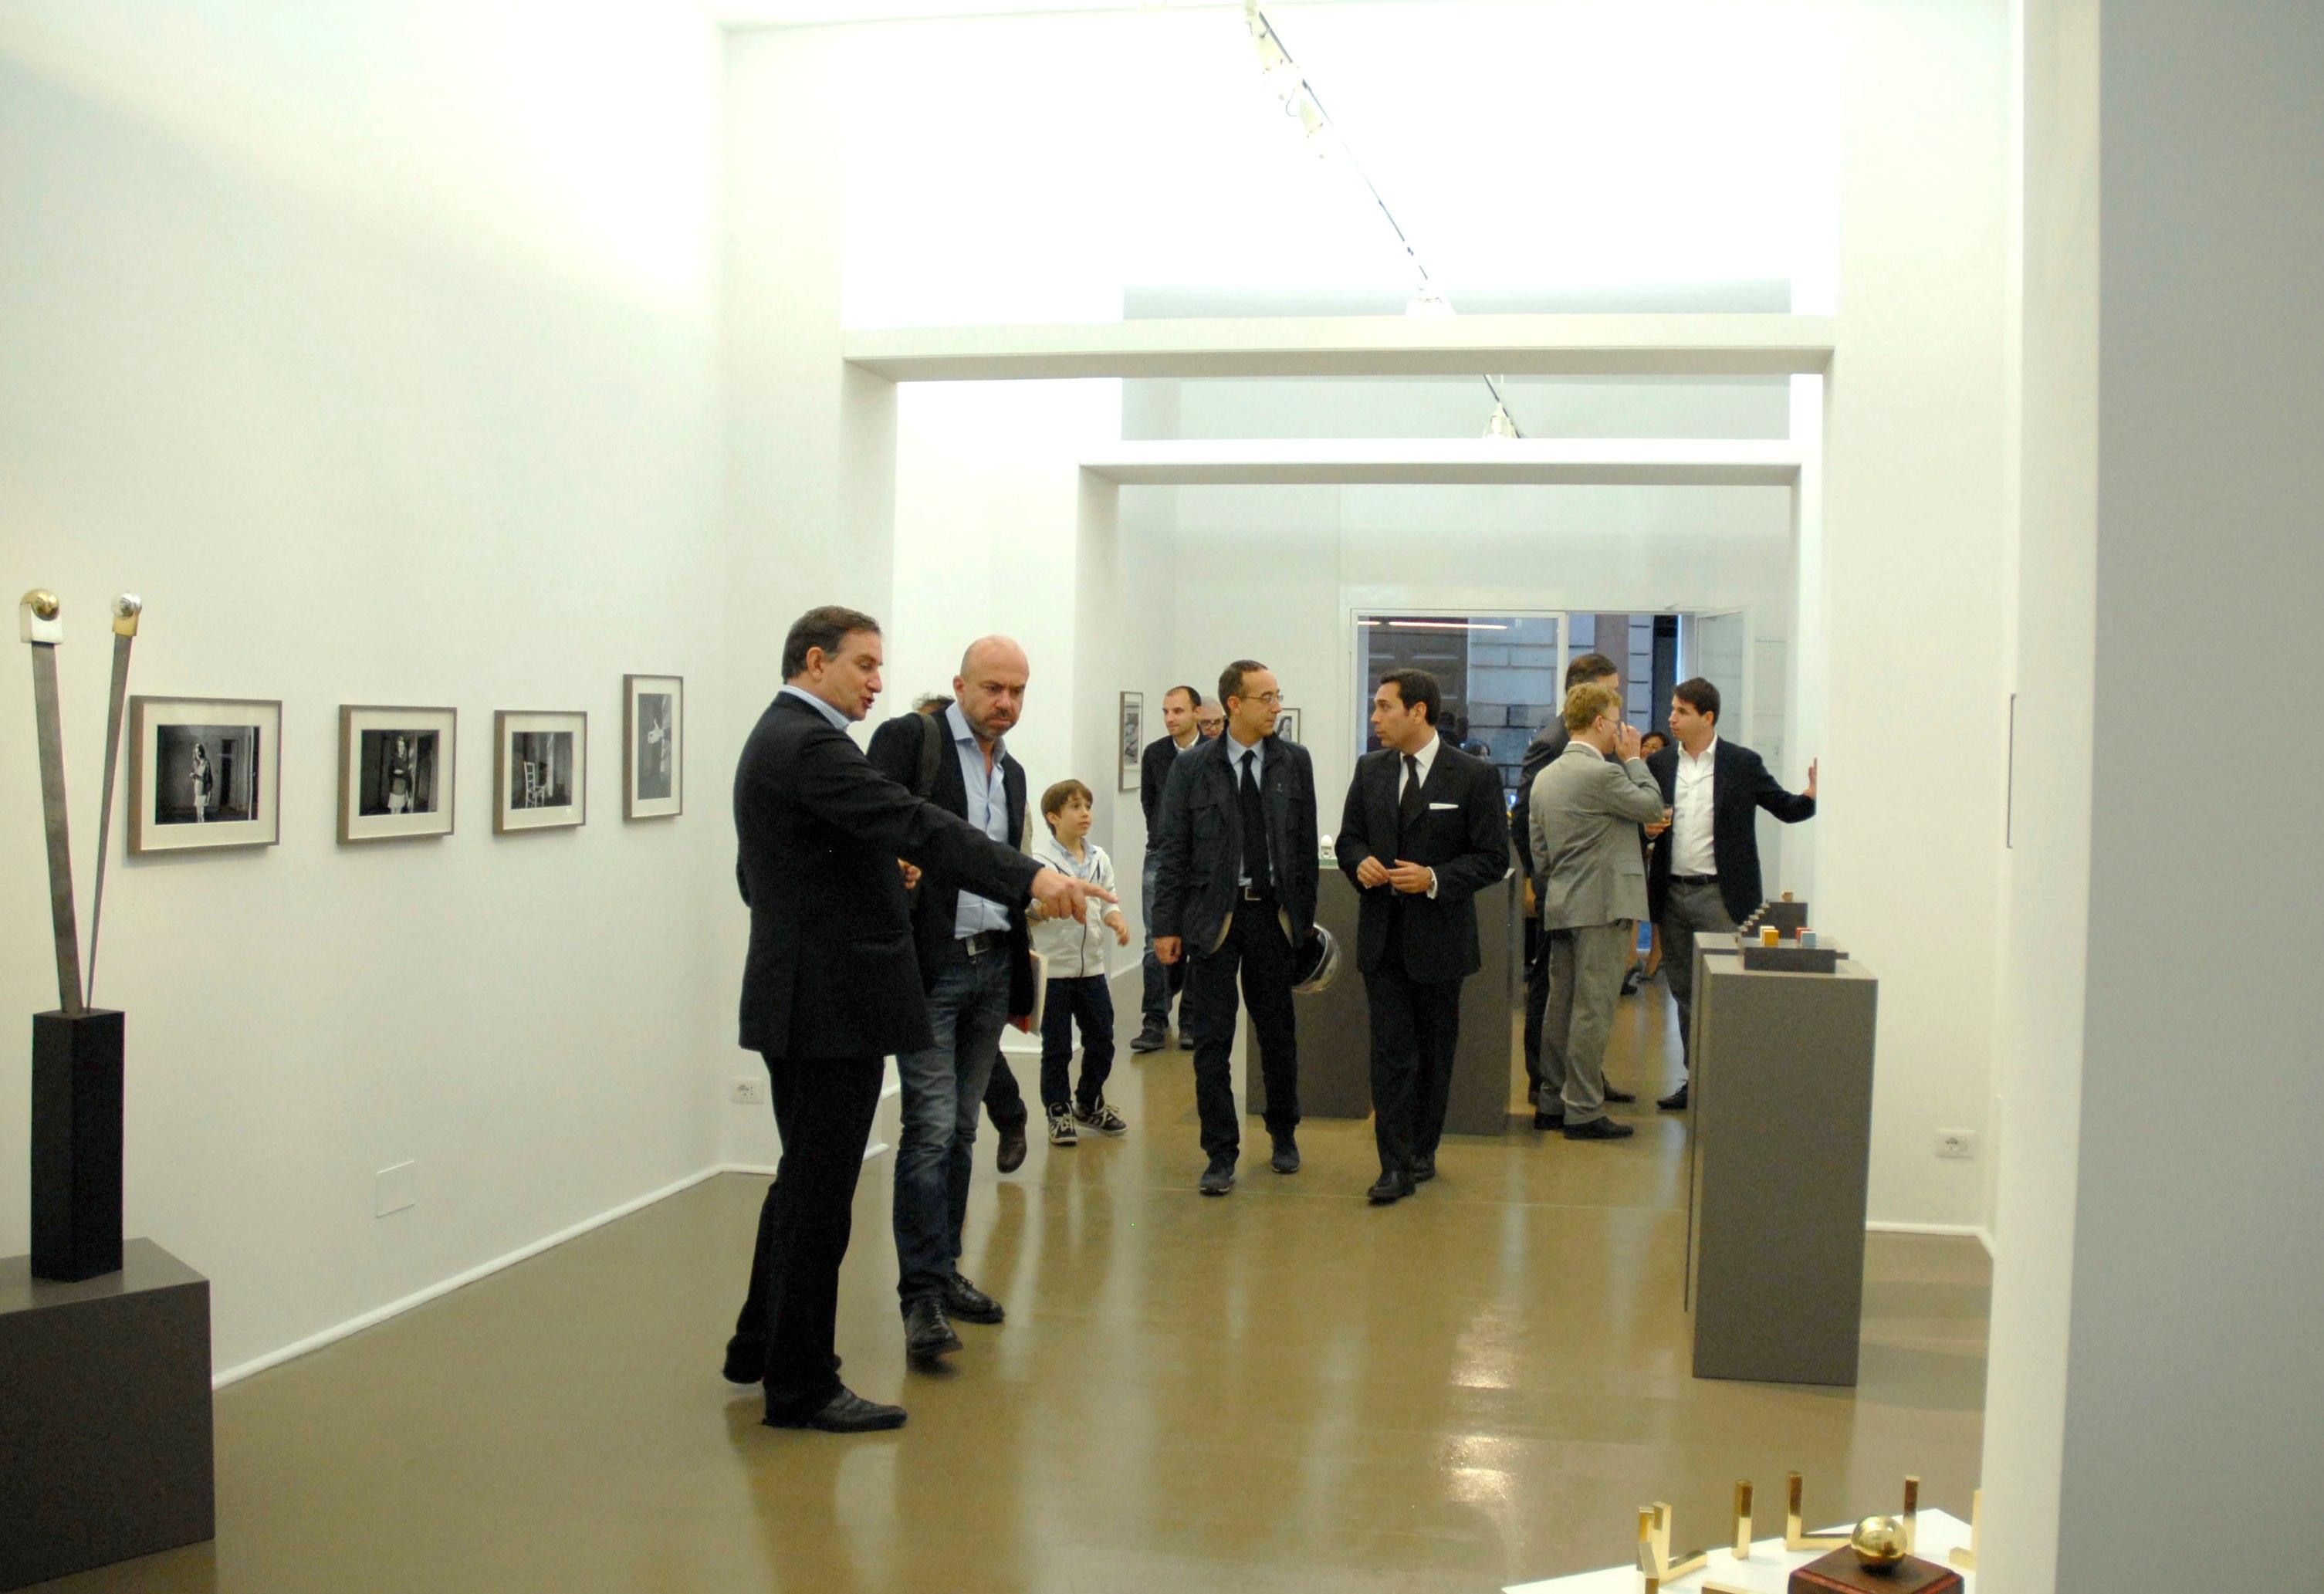 Liliana Maresca. Un'identità multiforme. Veduta dell'inaugurazione presso la Galleria Spazio Nuovo, Roma 2012